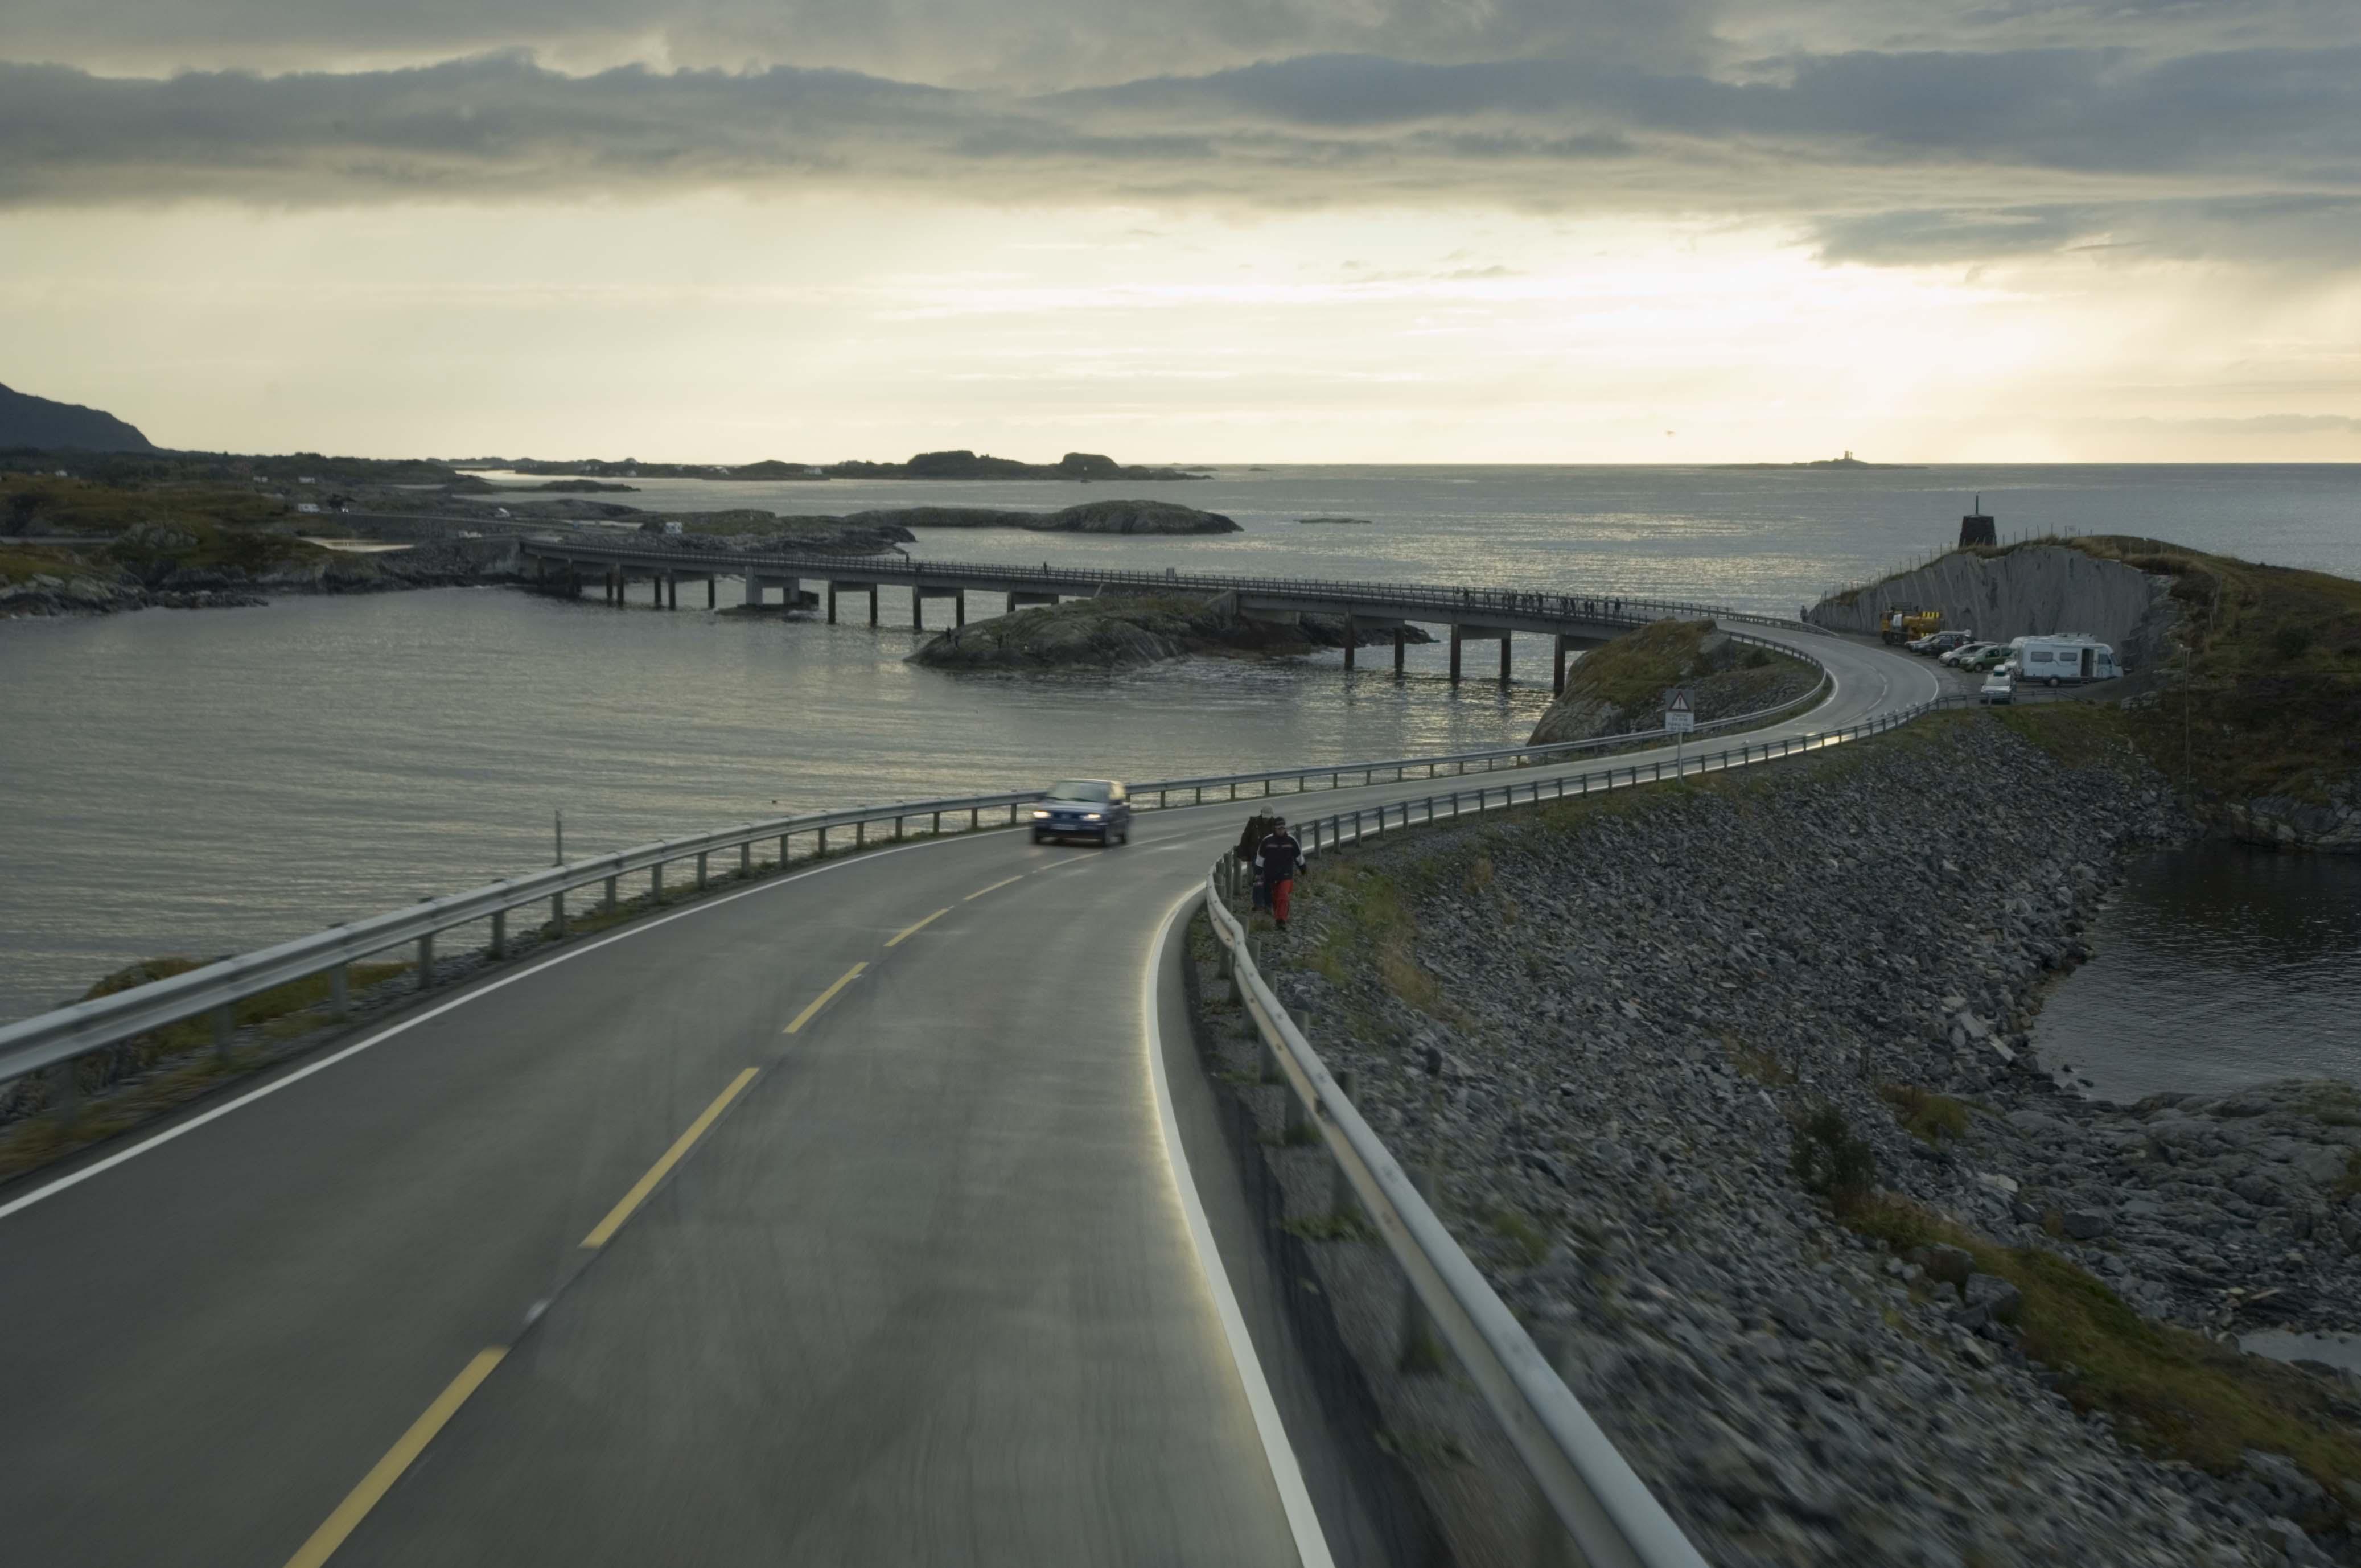 Carretera del Atlántico. Isla Averoy<br/>Impresión de tinta / Inkjet